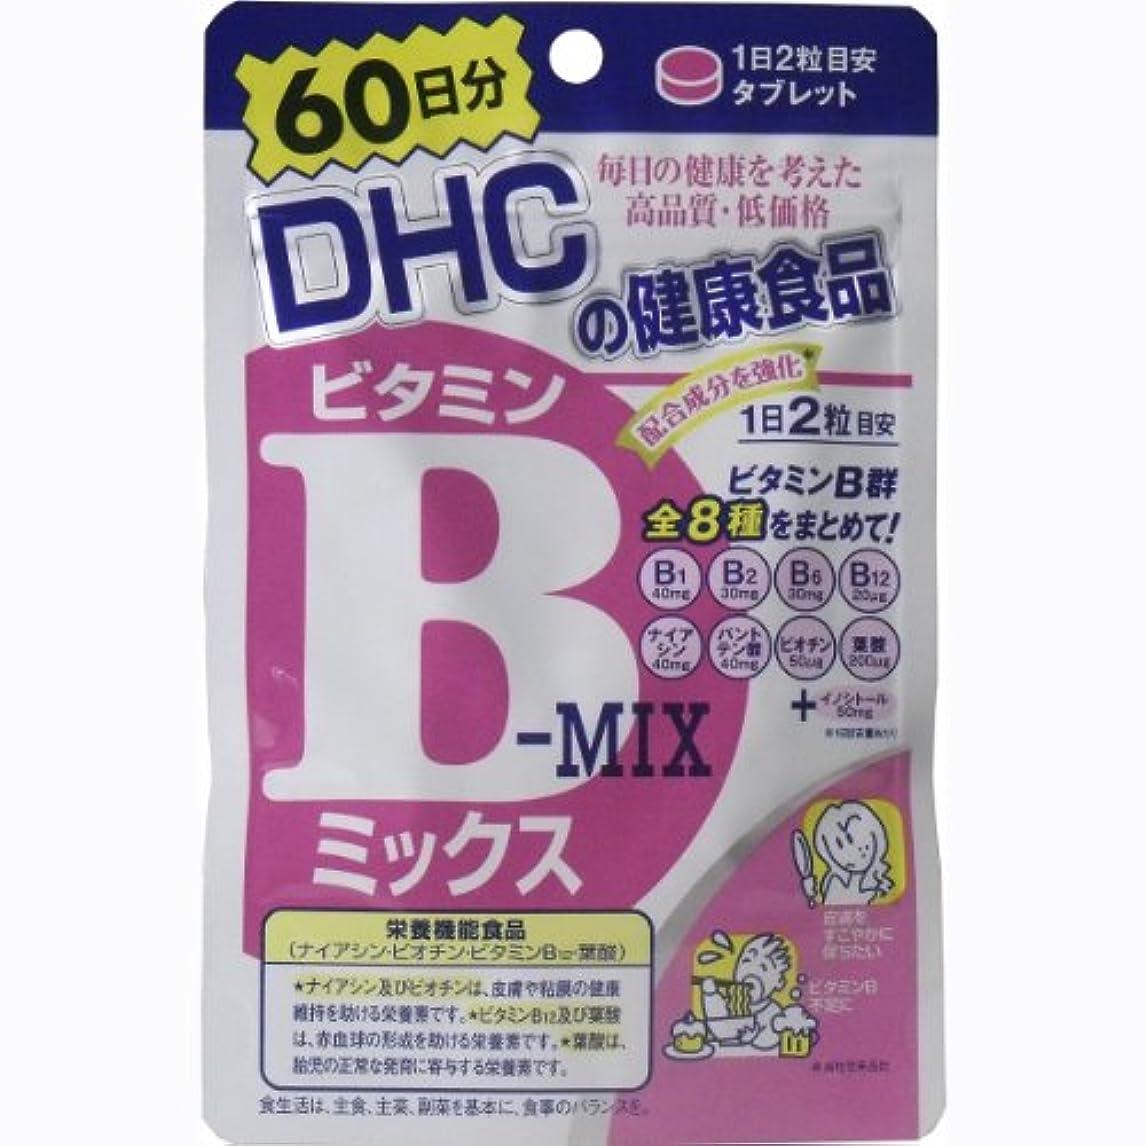 好意ダンス起こるDHC ビタミンBミックス 60日分 120粒 ×6個セット